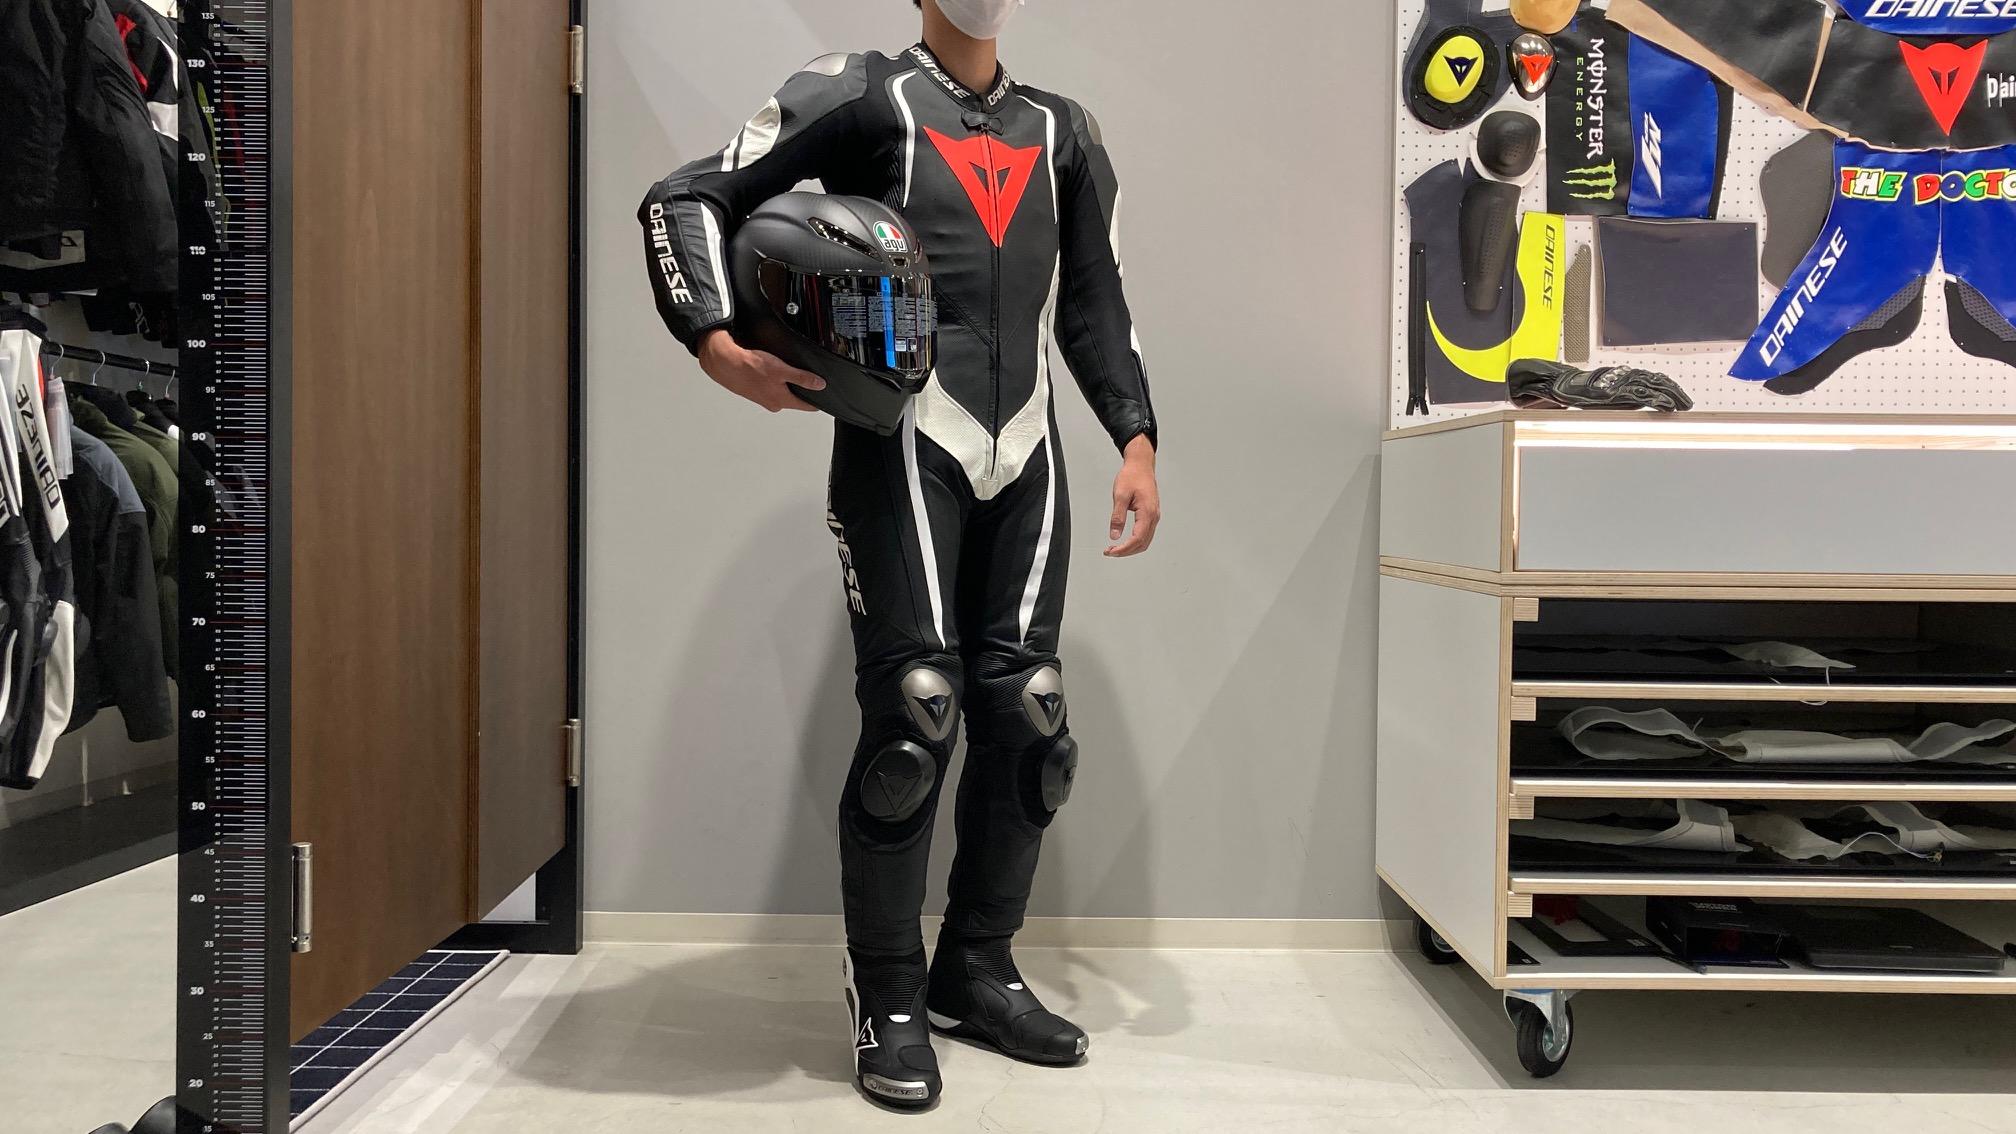 数種類あるダイネーゼレーシングスーツをそれぞれご紹介いたします